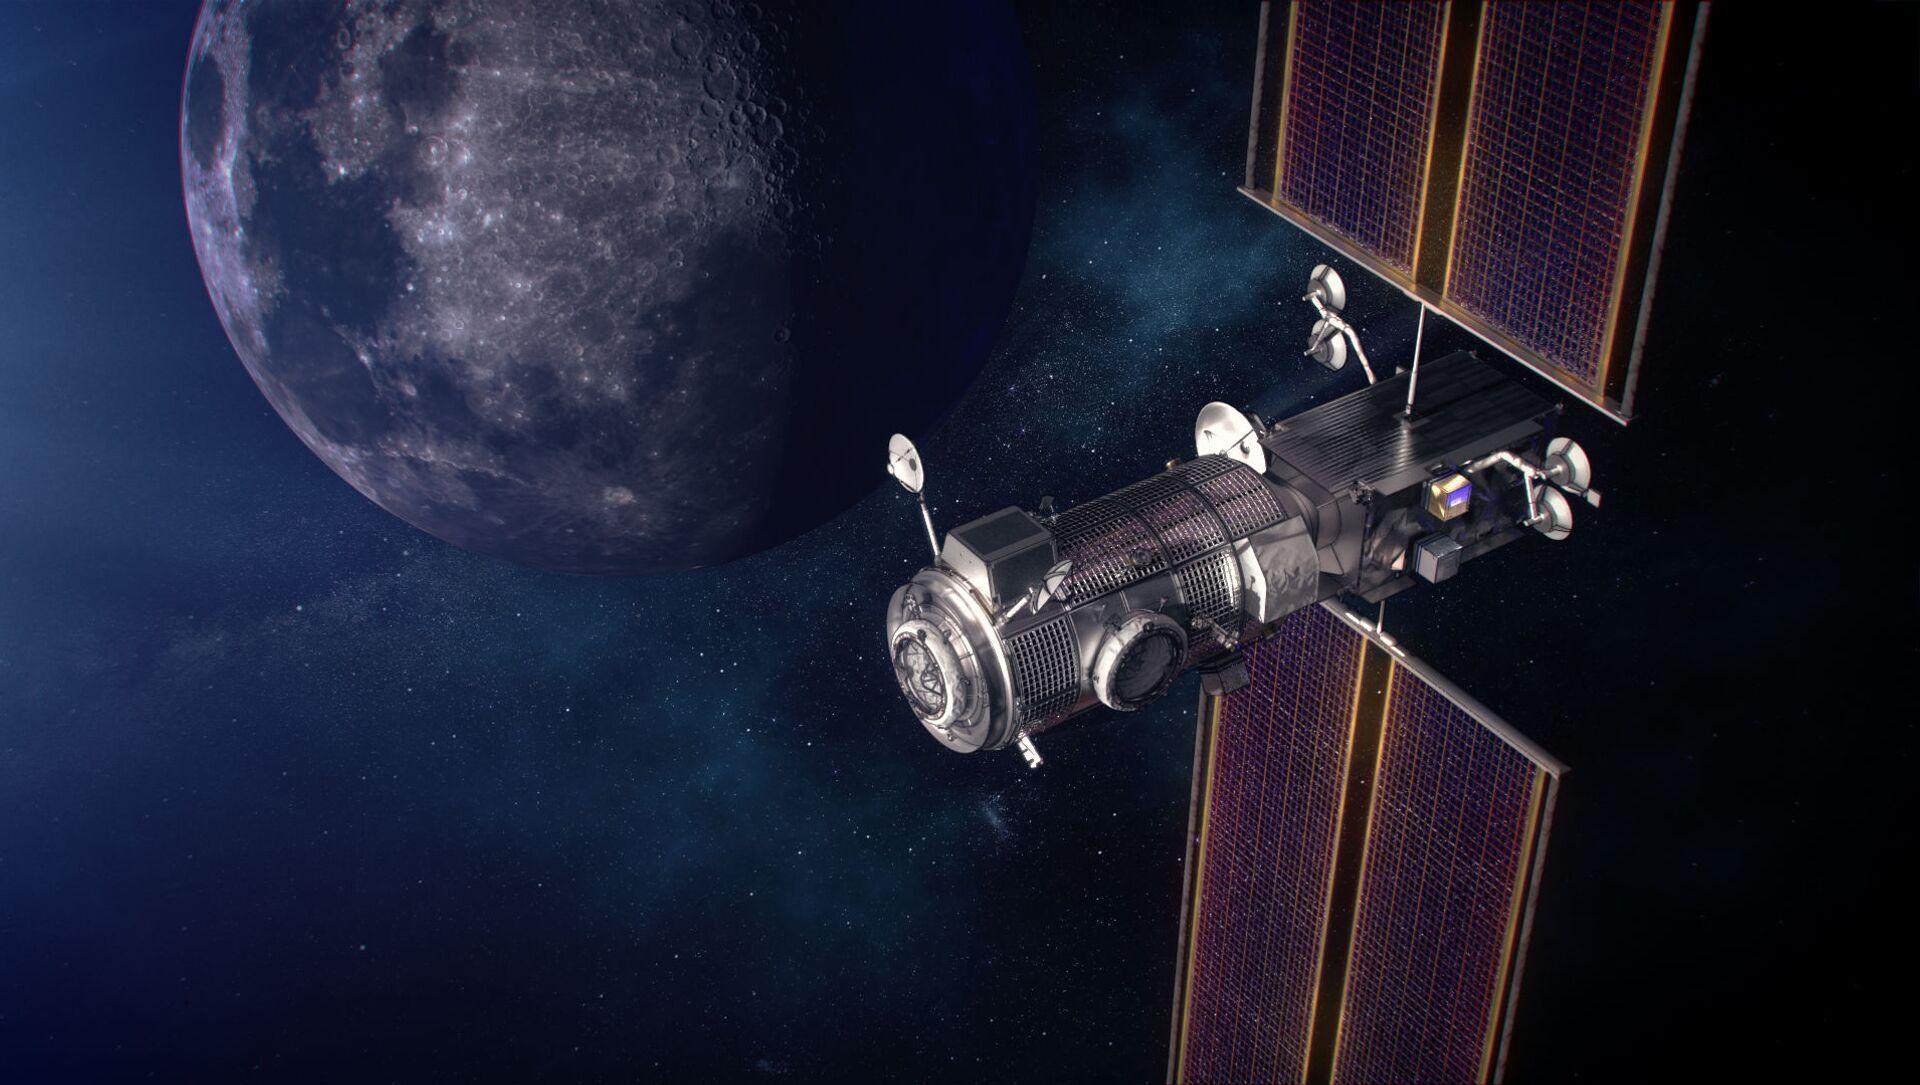 Ritorno sulla Luna, a Torino si costruisce il primo modulo - Sputnik Italia, 1920, 16.02.2021